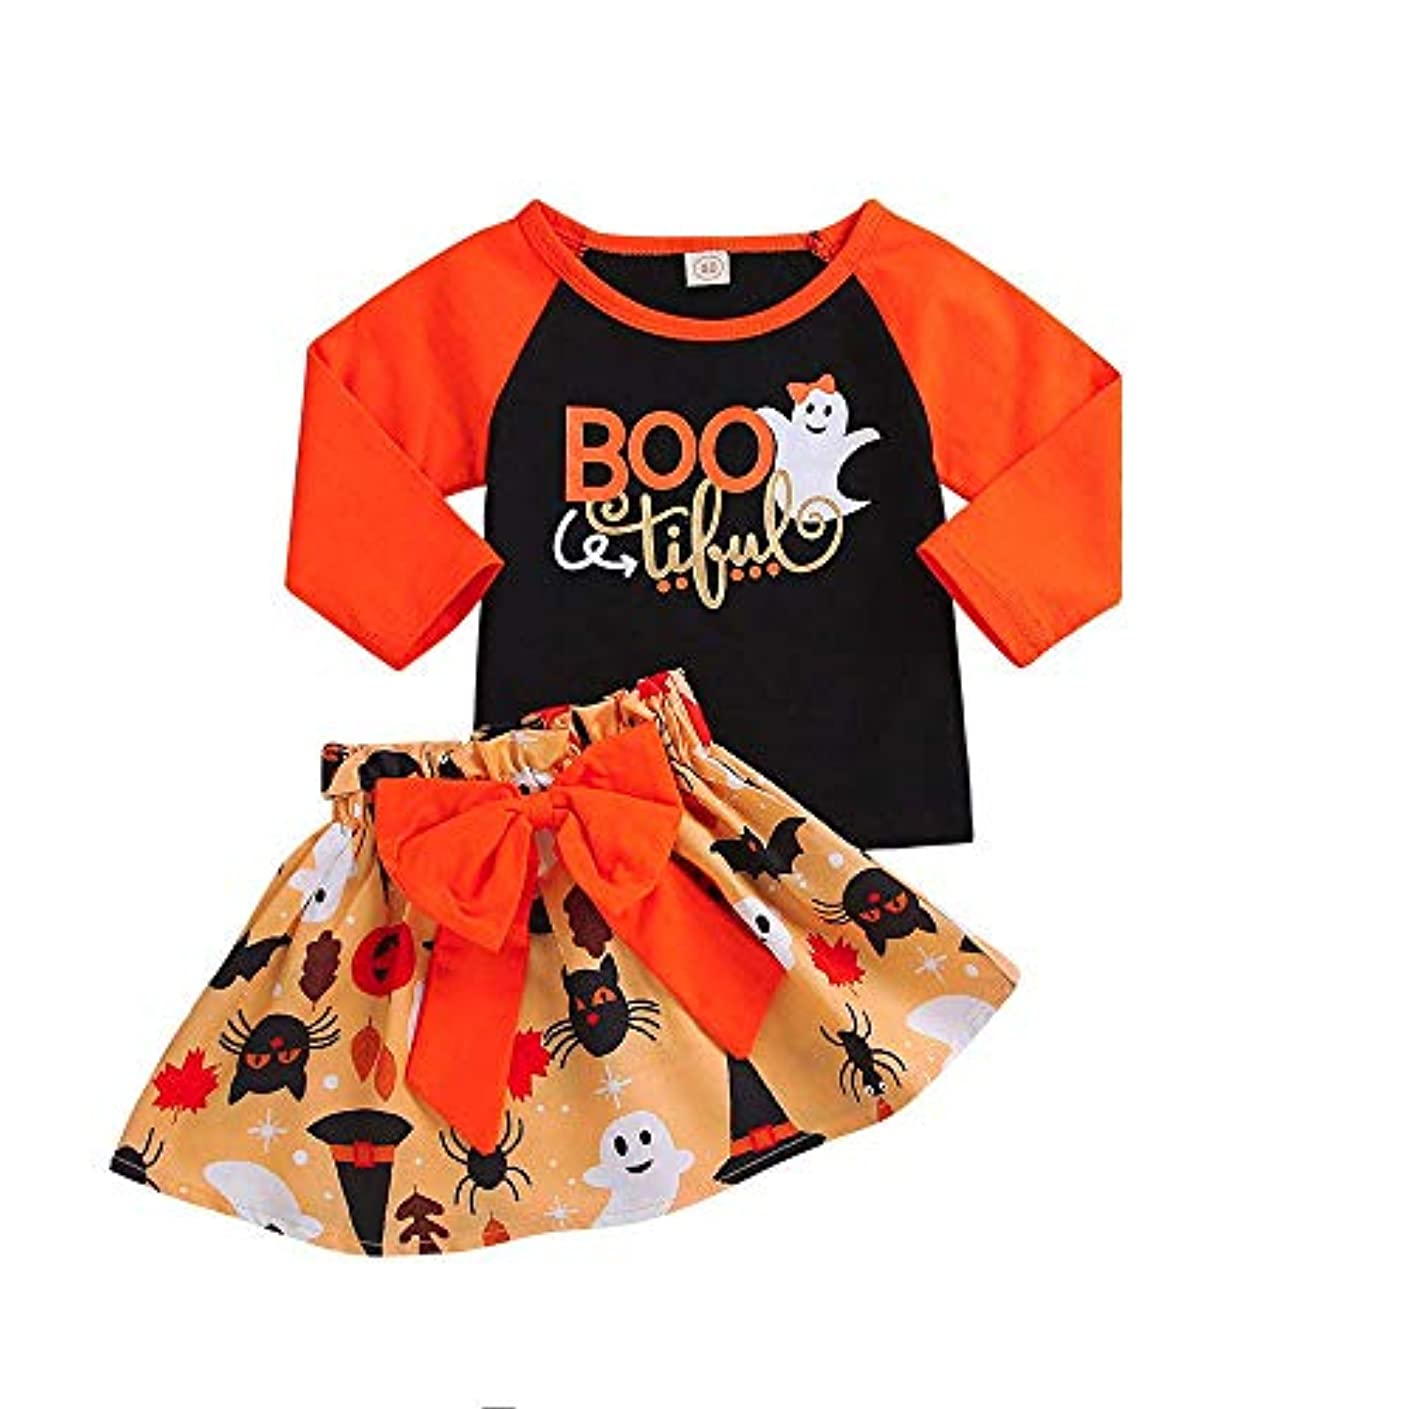 これまで時間湿ったBHKK 子供 幼児の女の子の漫画ロングスリーブパンプキンスカートハロウィーンのちょう結びセット 12ヶ月 -4 歳 18ヶ月